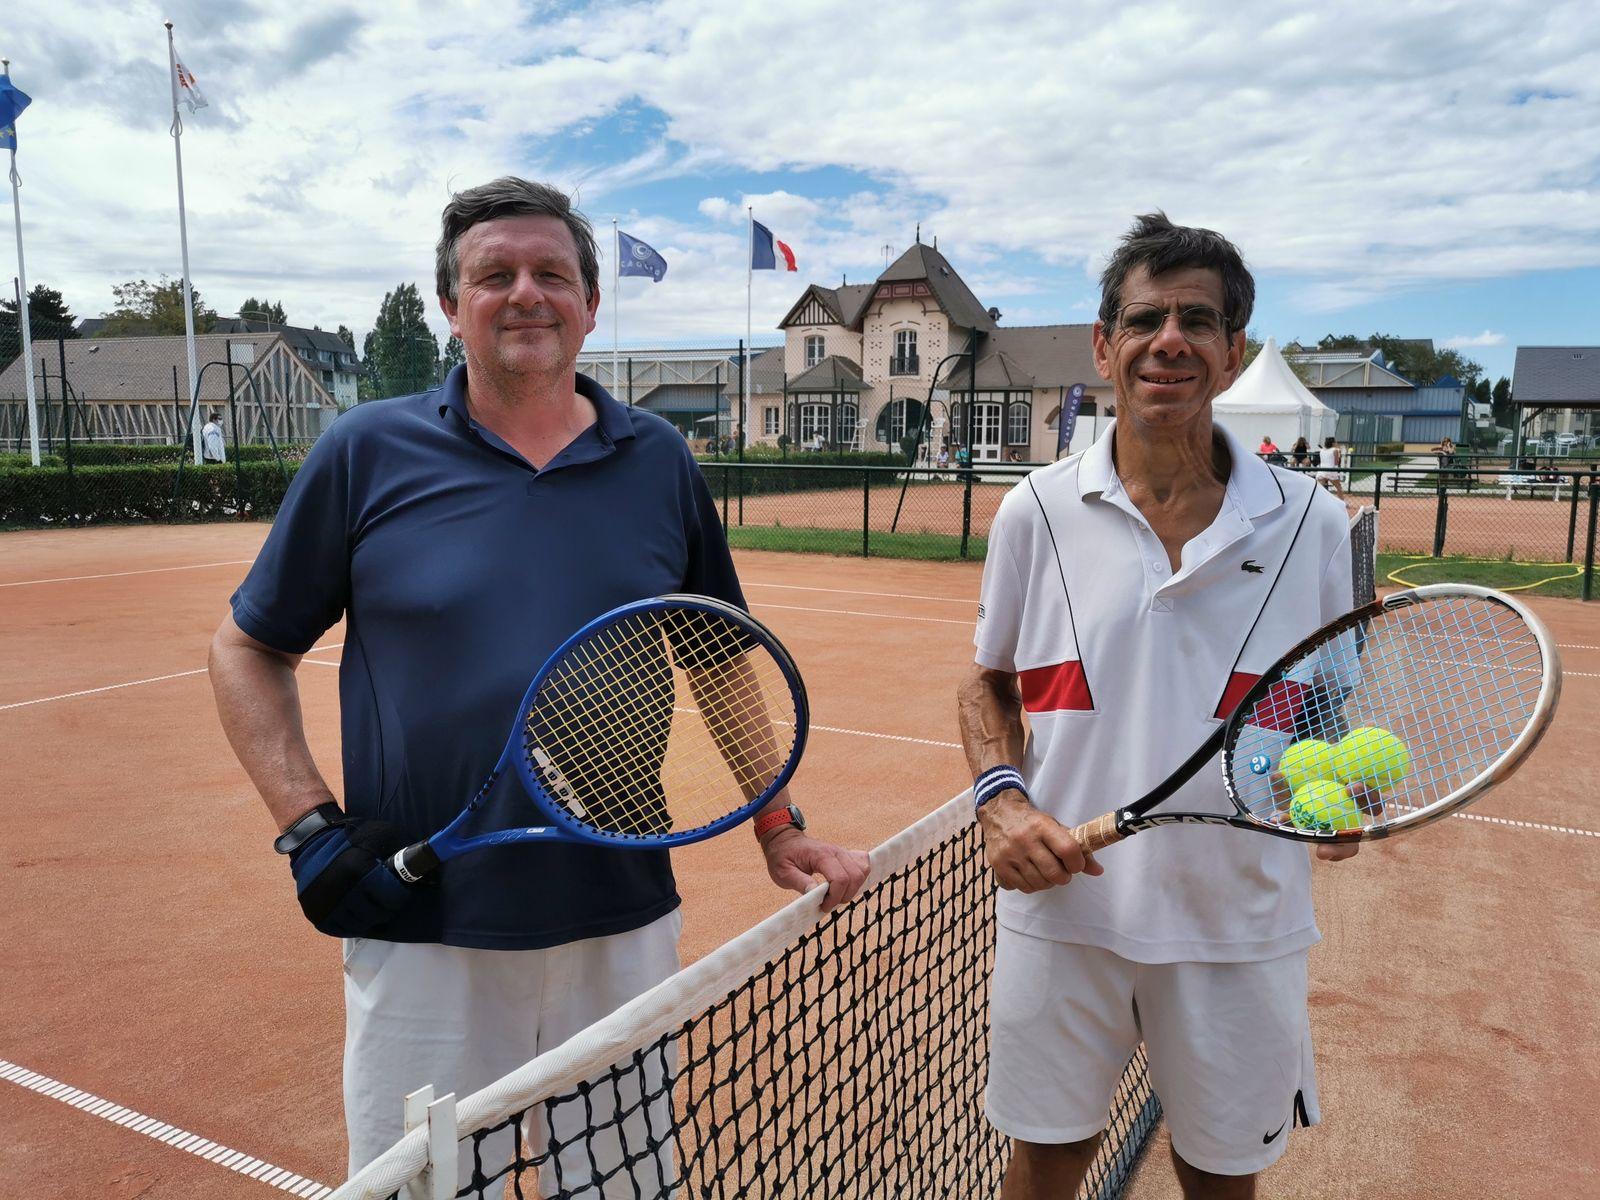 Sylvain Bouvier 15/3 Cabourg gagne contre Jean-Eric Ferrary 15/4 Bois de Boulogne